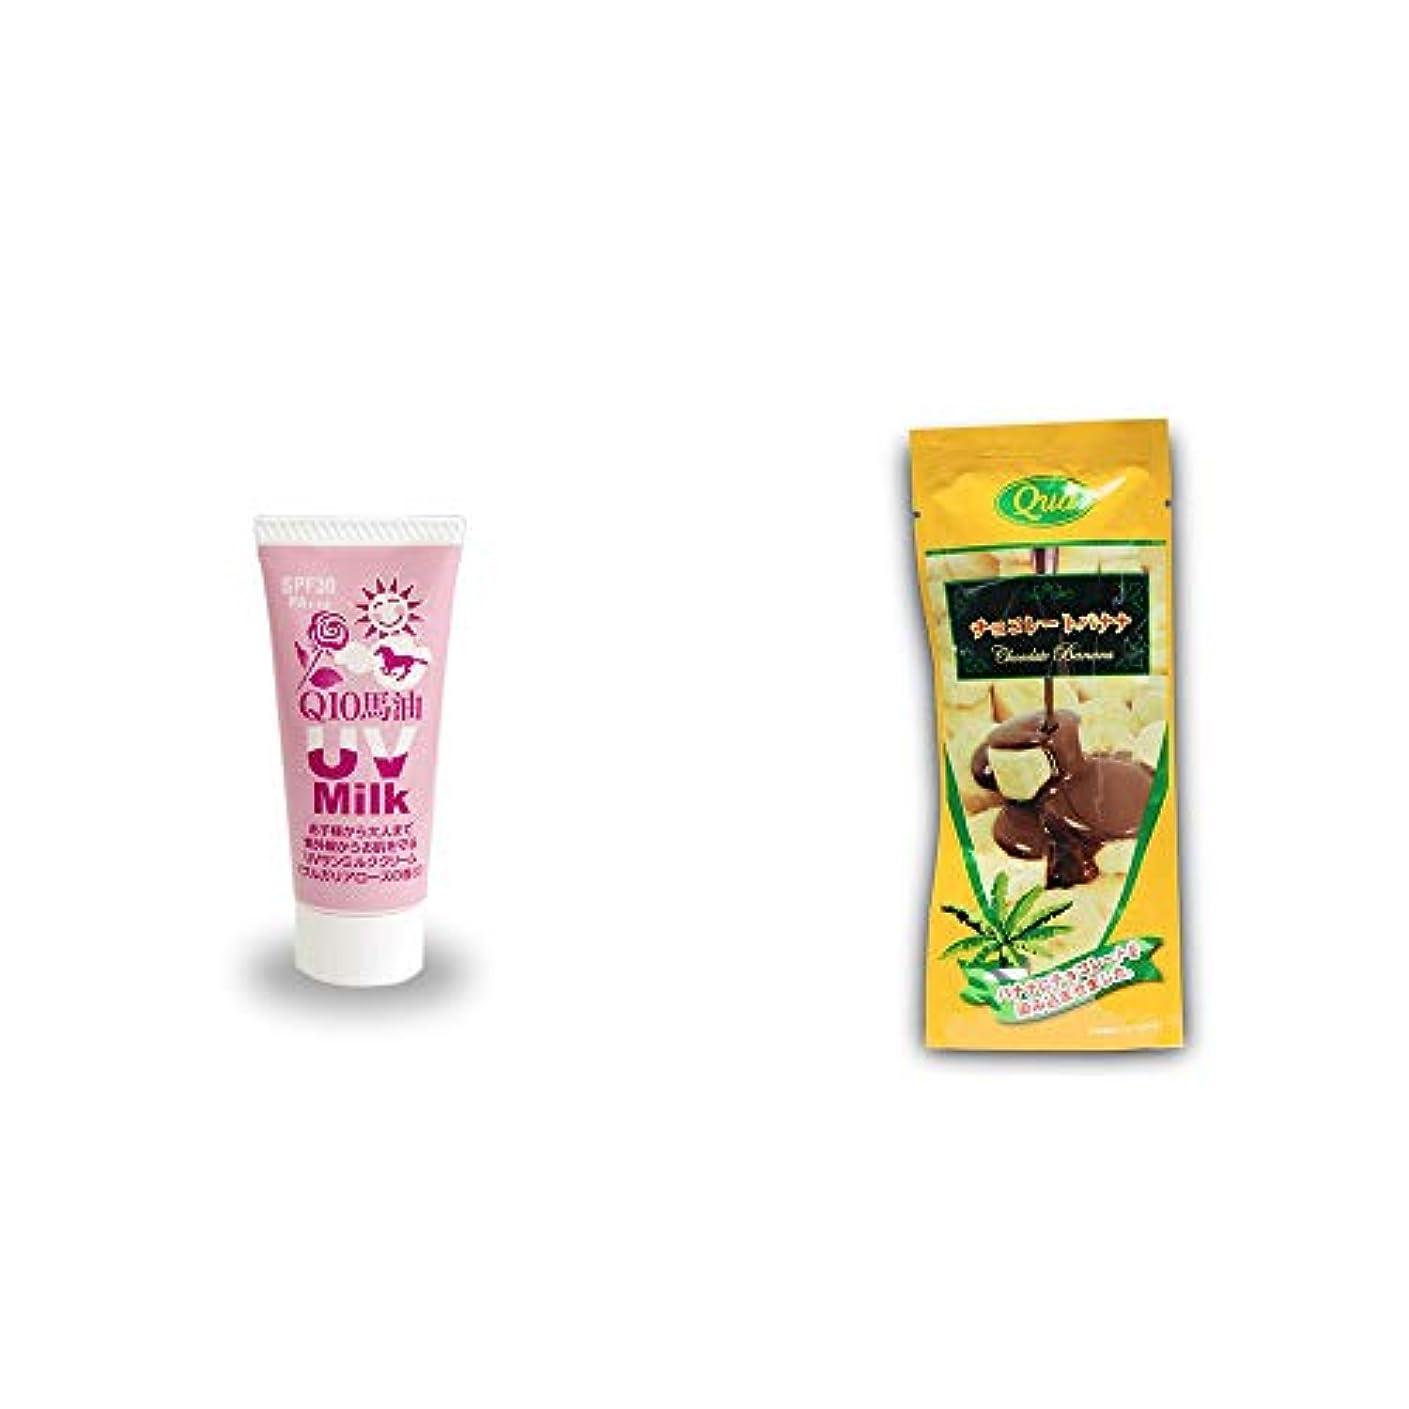 今正確に脱走[2点セット] 炭黒泉 Q10馬油 UVサンミルク[ブルガリアローズ](40g)?フリーズドライ チョコレートバナナ(50g)